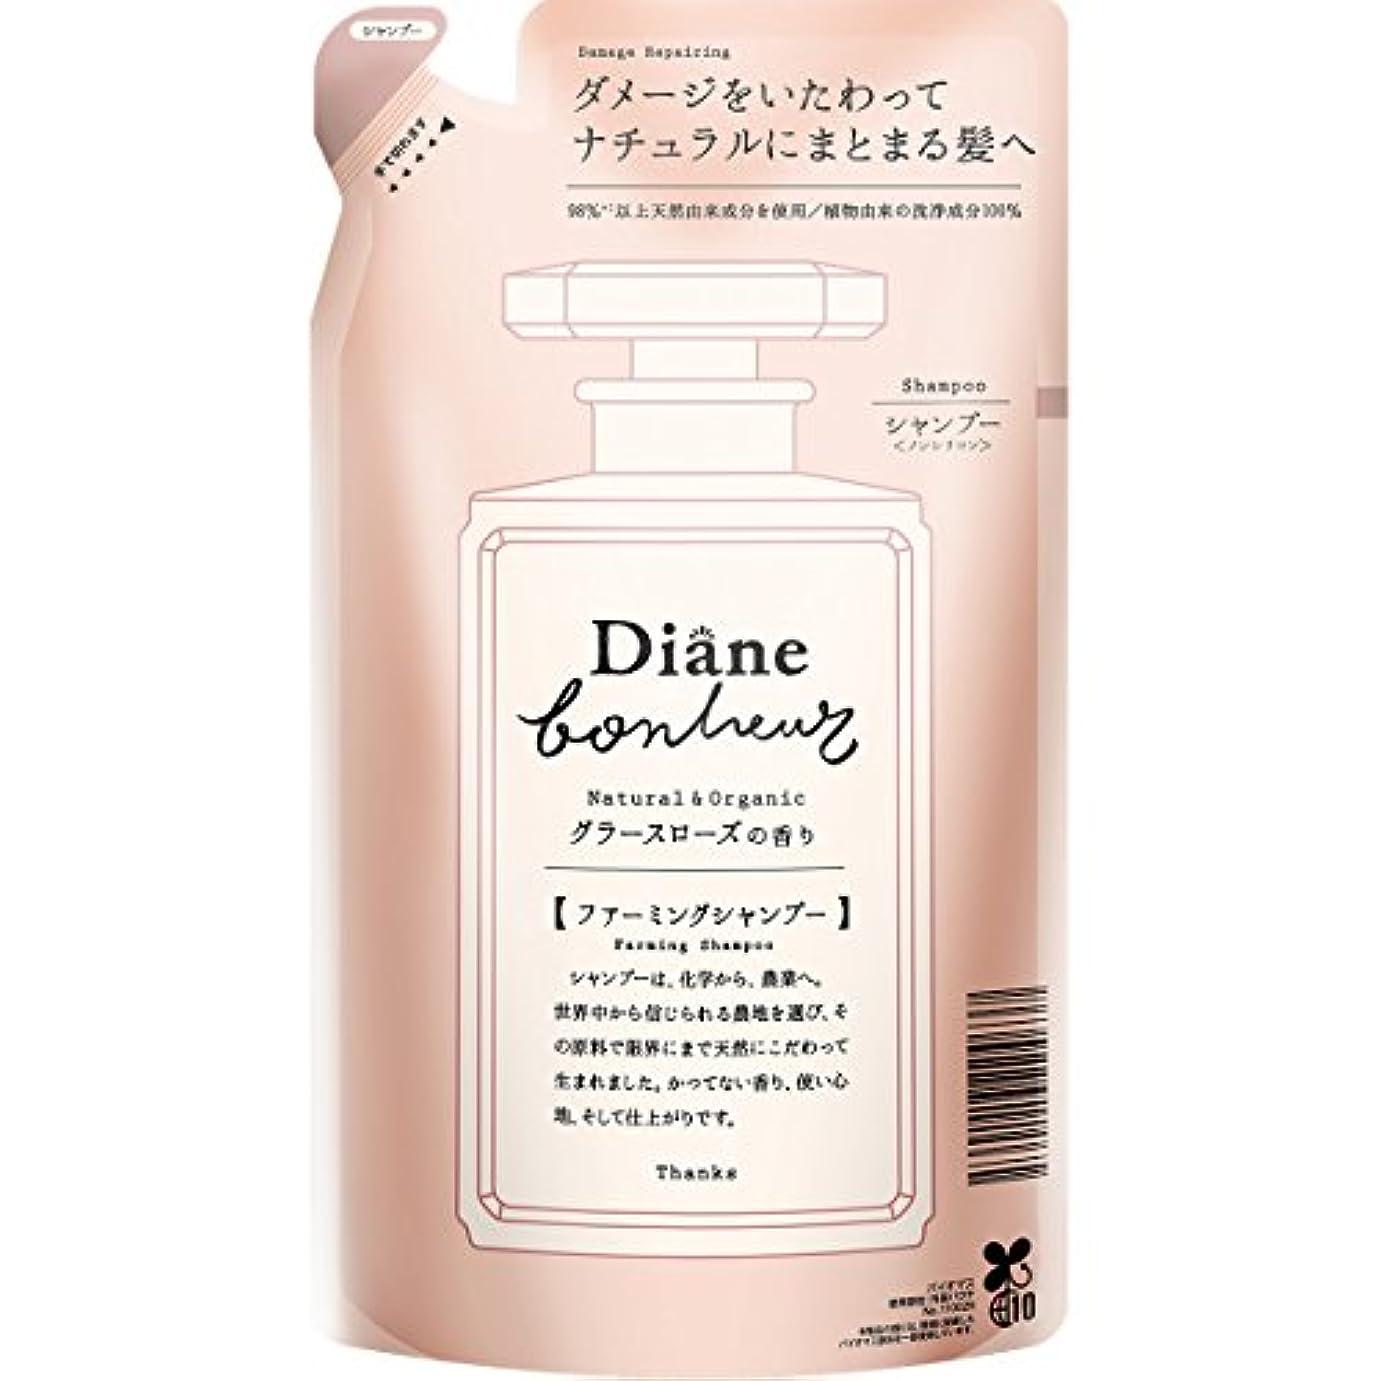 不利あまりにも破産ダイアン ボヌール グラースローズの香り ダメージリペア シャンプー 詰め替え 400ml